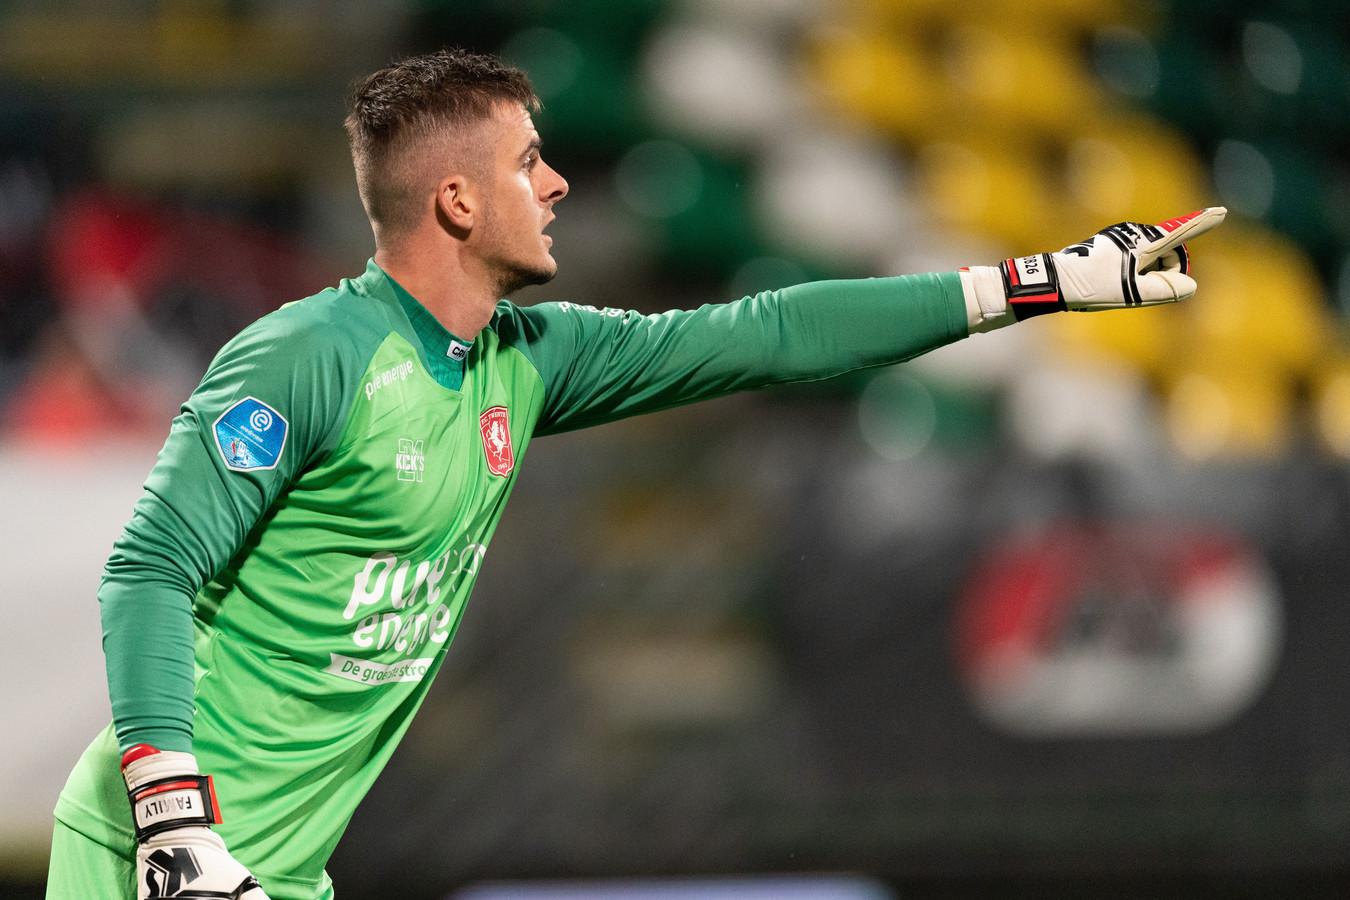 Jorn Brondeel namens FC Twente in actie tegen AZ.